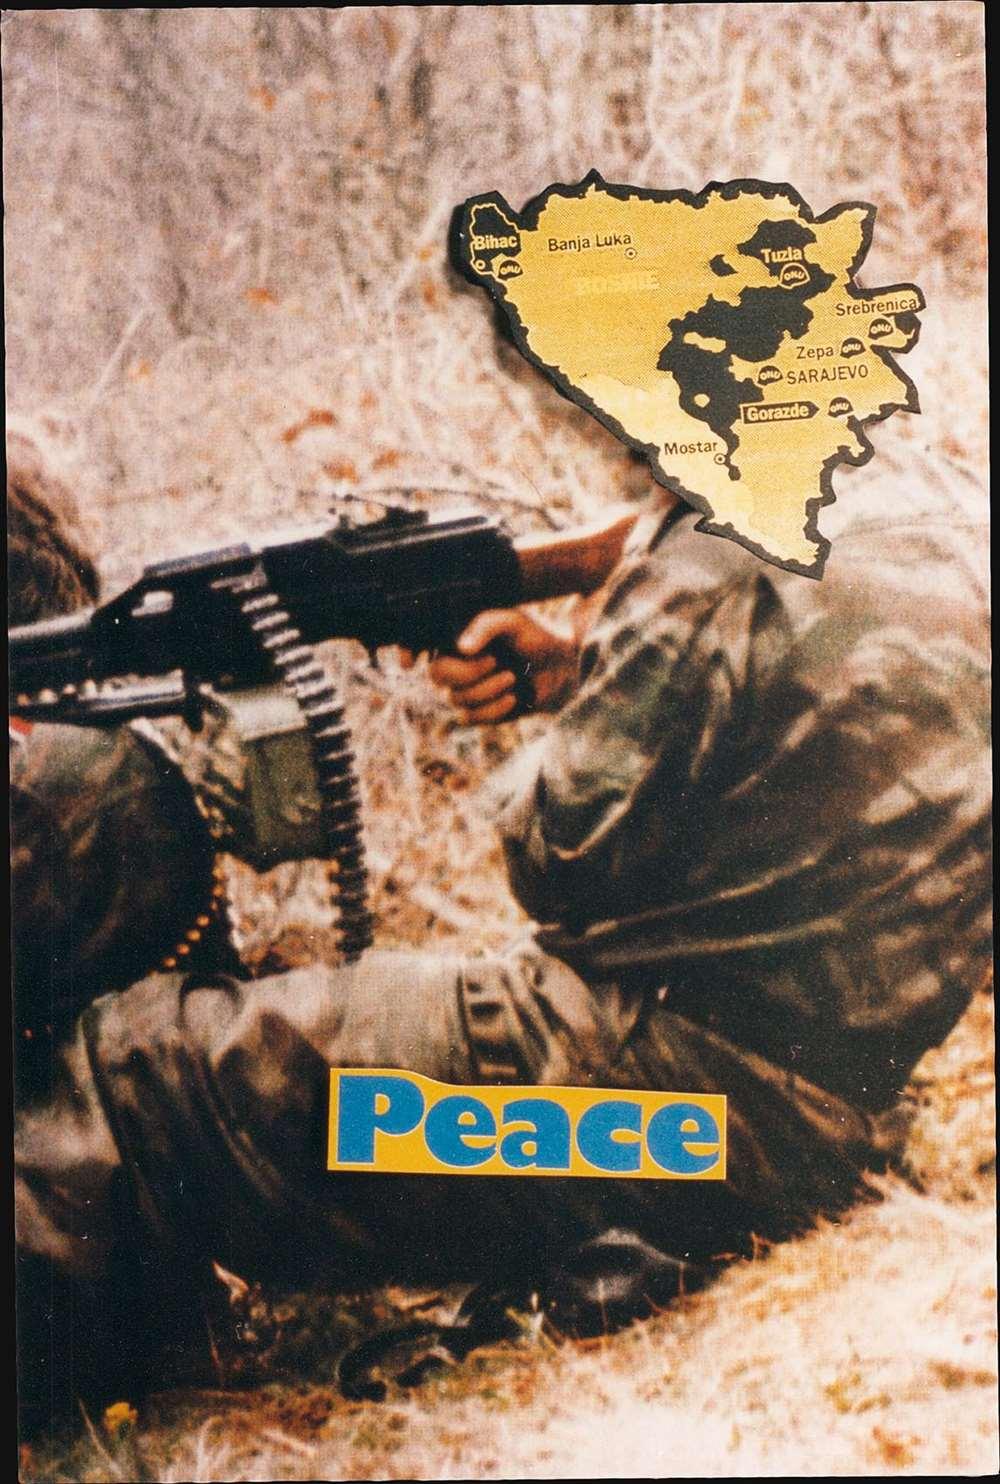 La guerre, non! Pour la paix. - Alternate View 6